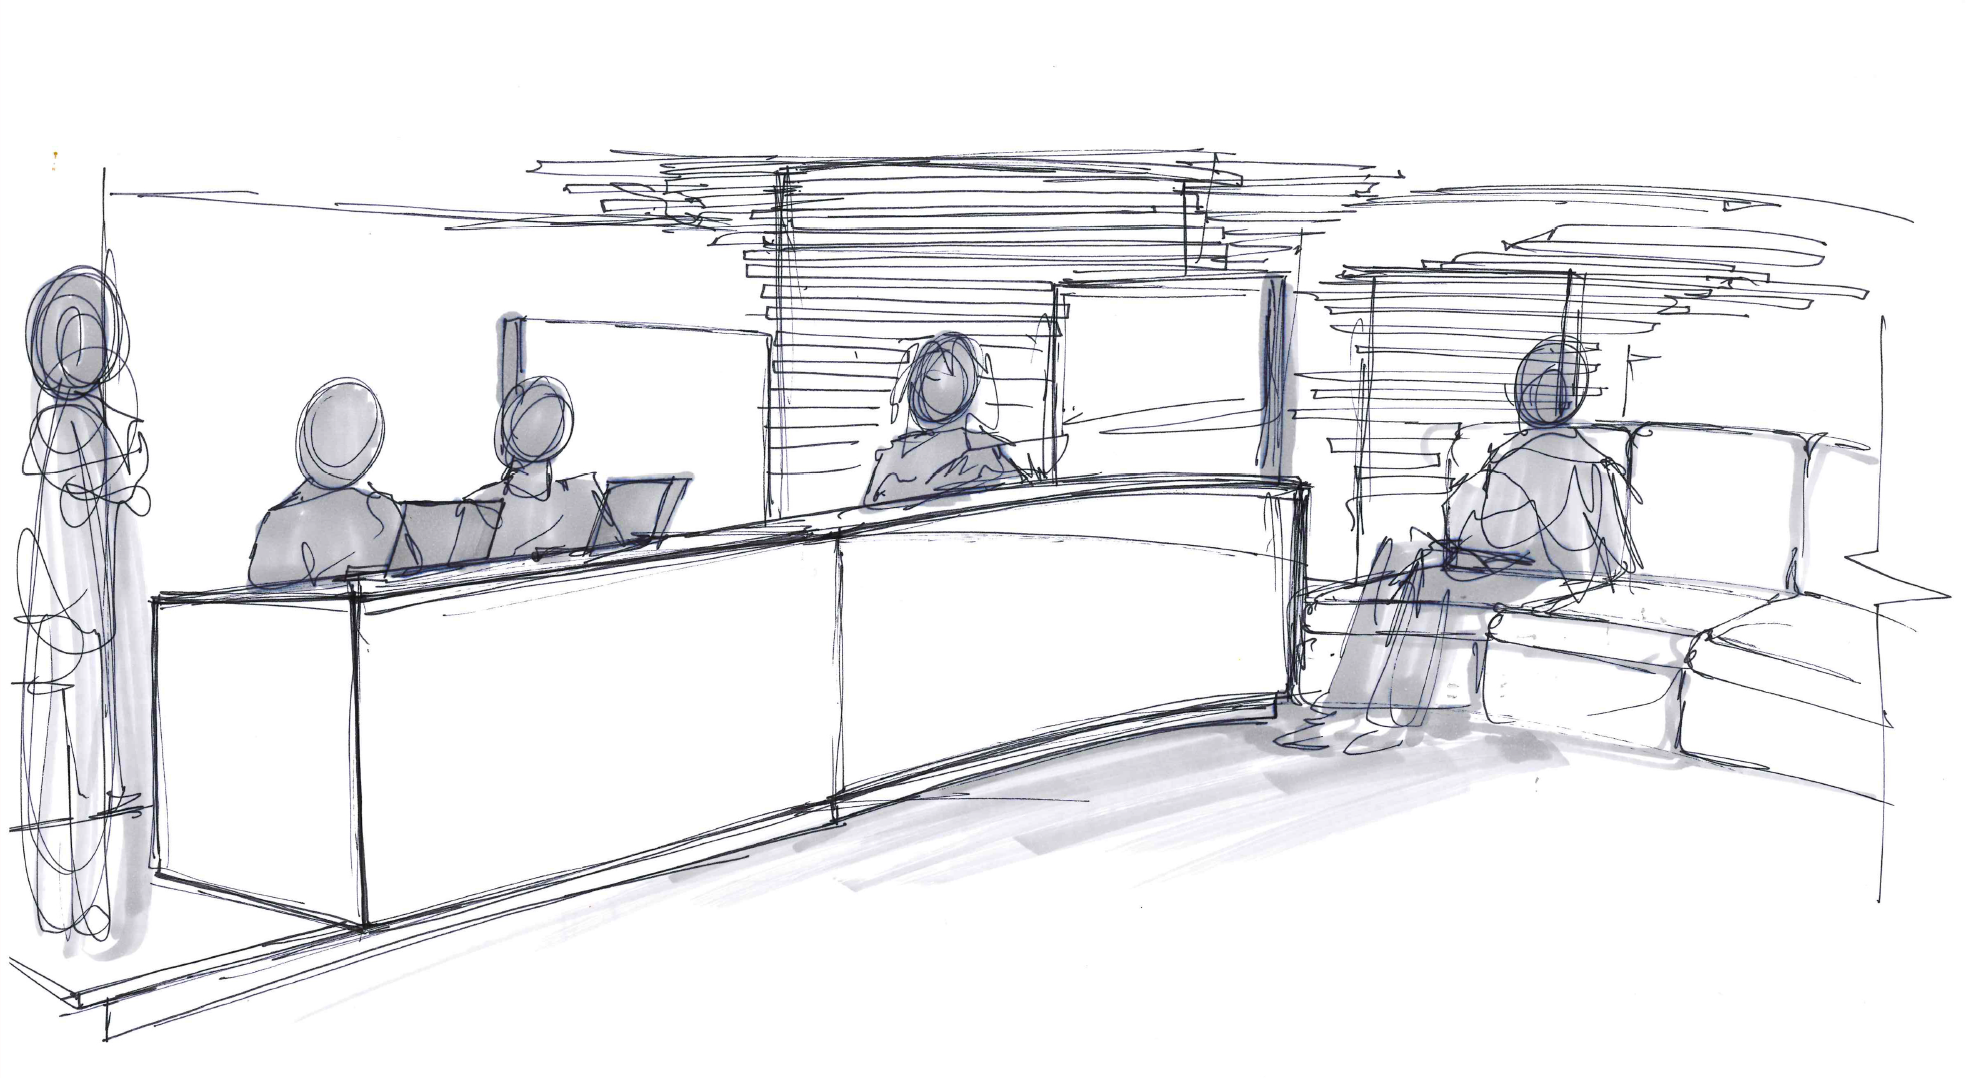 Xarabank - Sketch - Newsroom, Bla Kantunieri